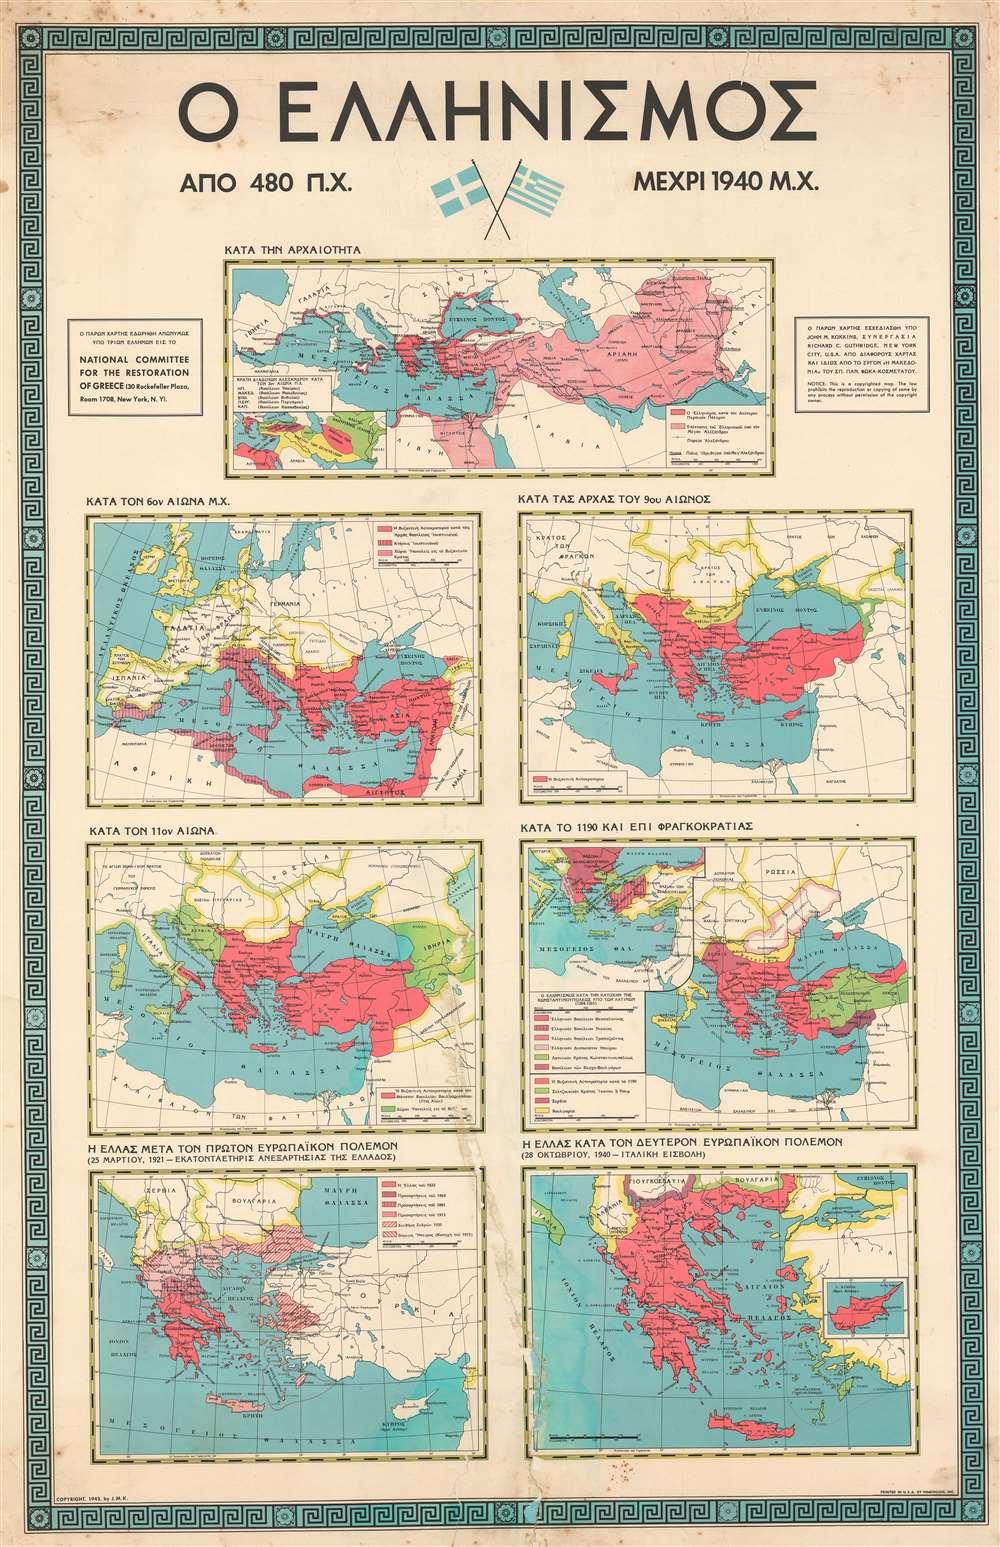 Ο ΕΛΛΗΝΙΣΜΟΣ ΑΠΟ 480 Π.Χ. ΜΕΧΡΙ 1940 Μ.Χ. / Hellenism from 480 B.C. to 1940 A.D.